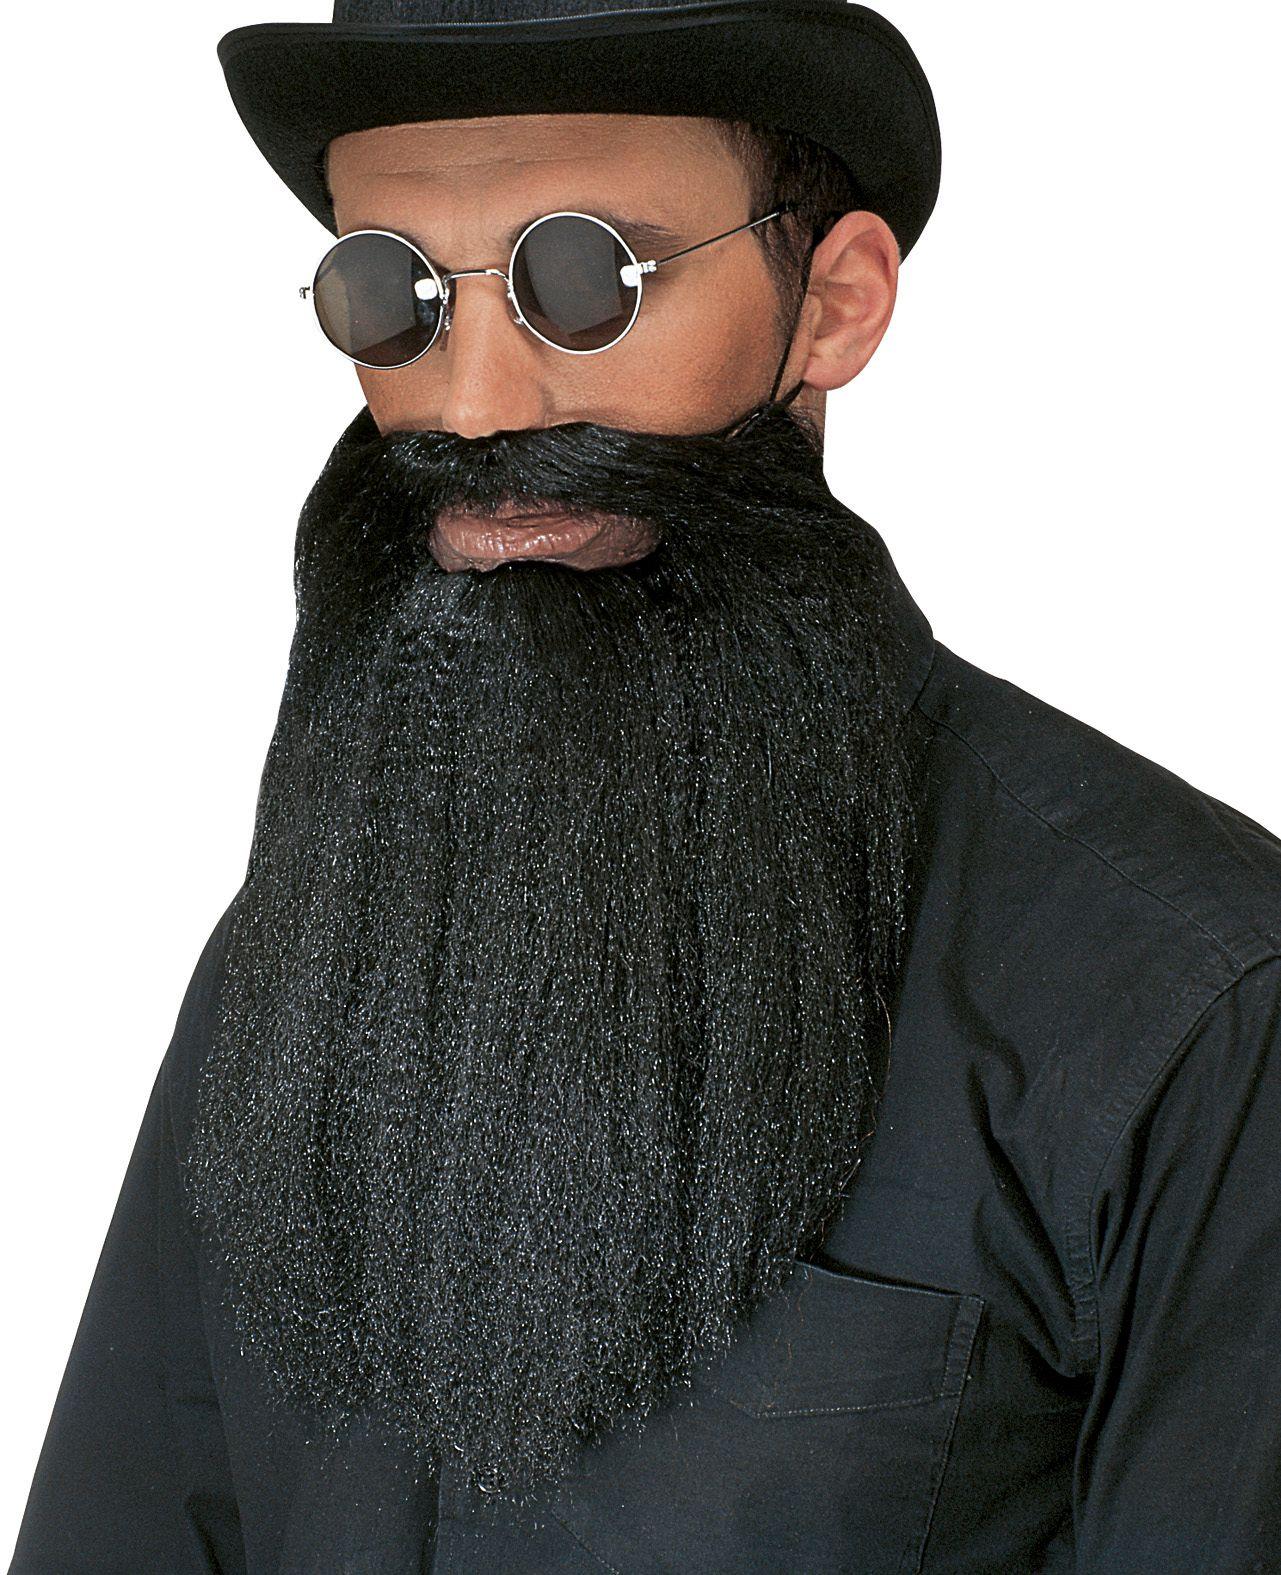 Zwarte baard met snorretje